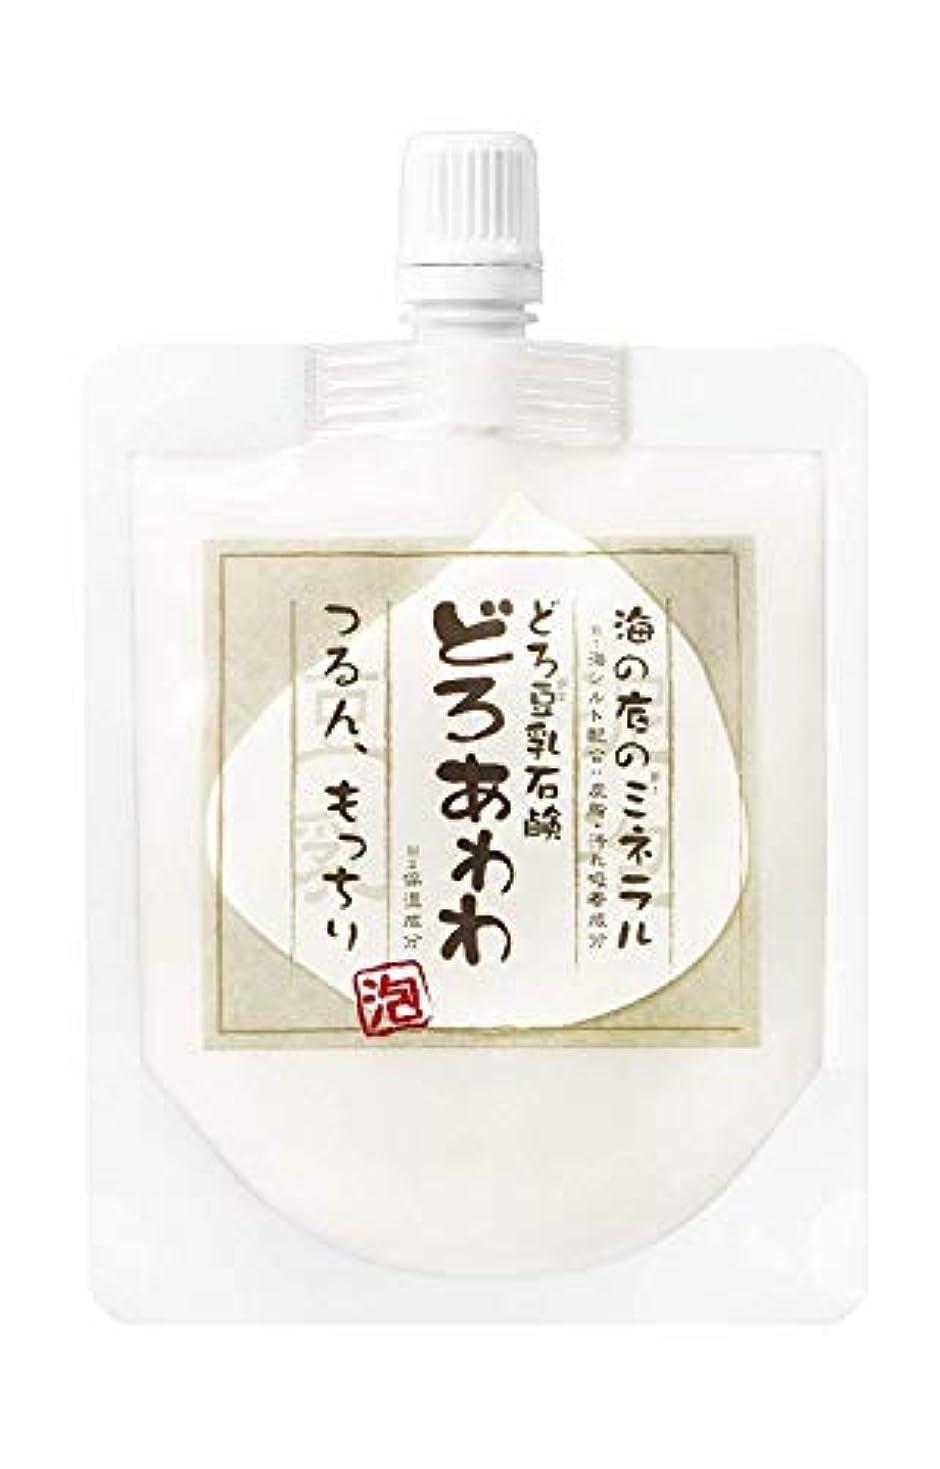 彫刻パワー満員【ネット付】どろ豆乳石鹸 どろあわわ 110g